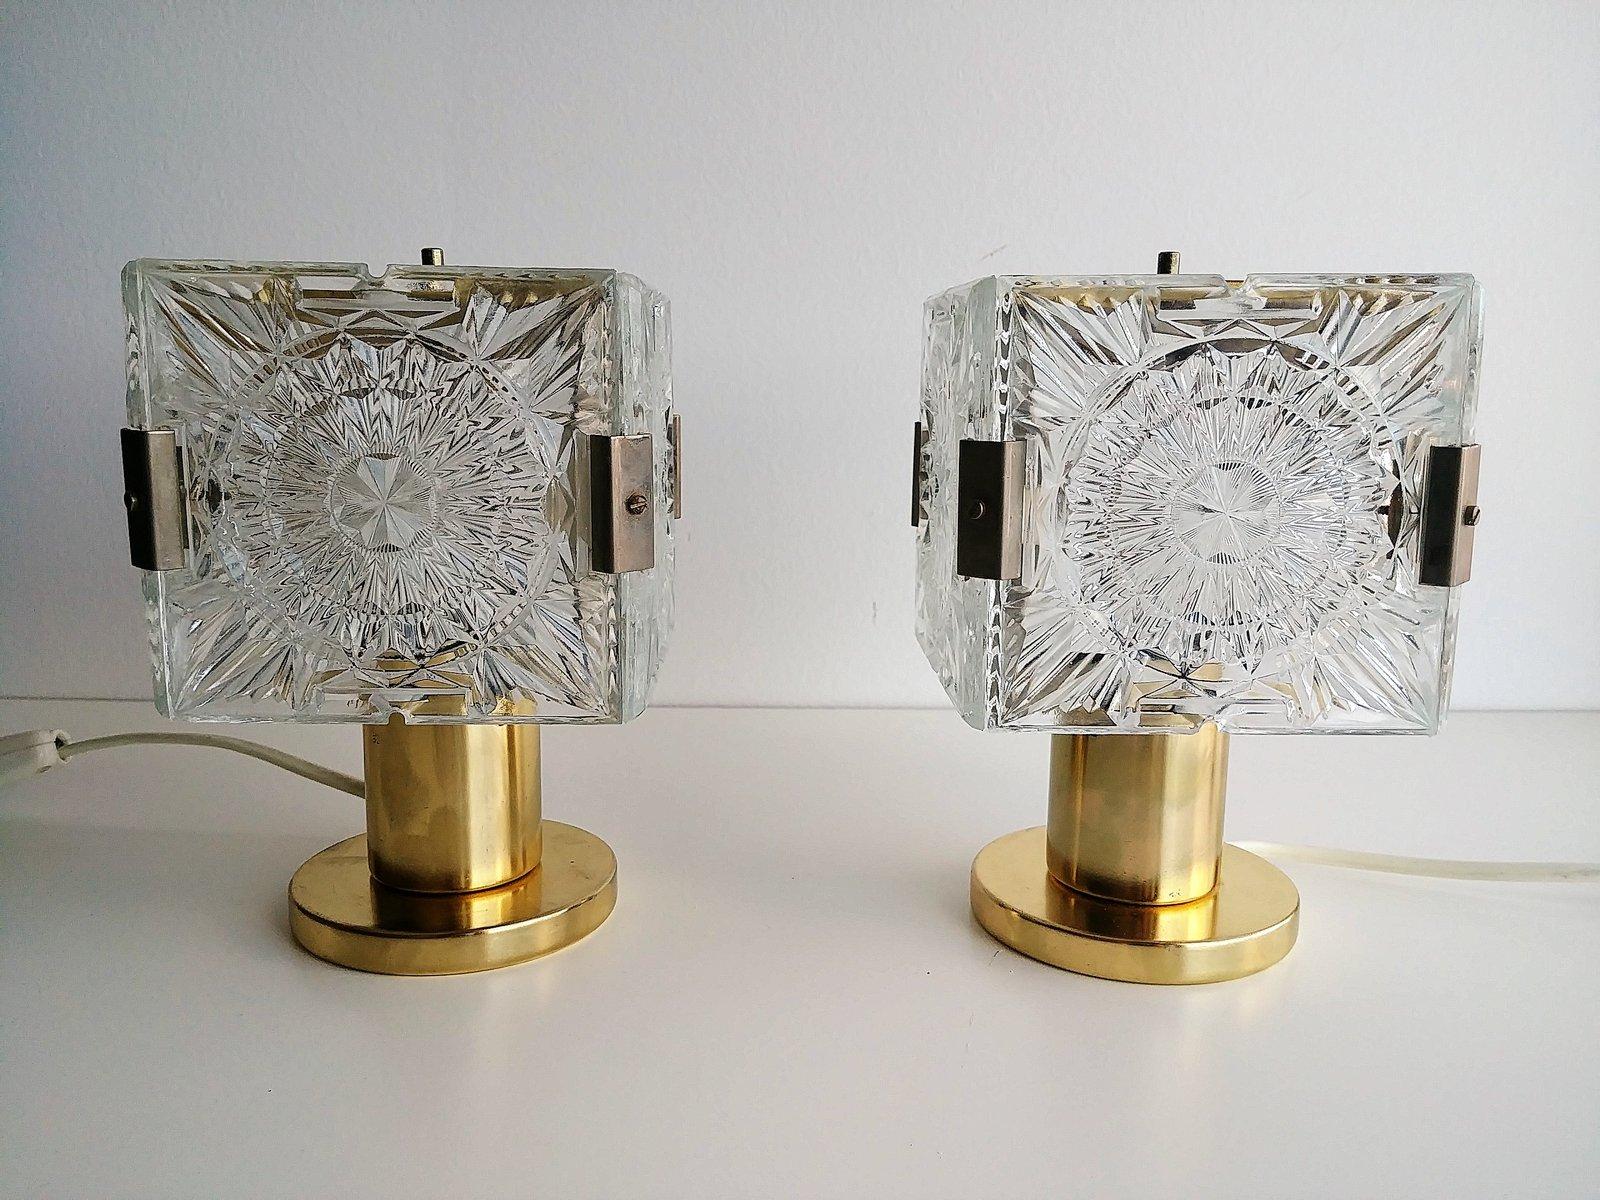 Vintage cube tischlampen von kamenick enov 2er set for Tischlampen vintage